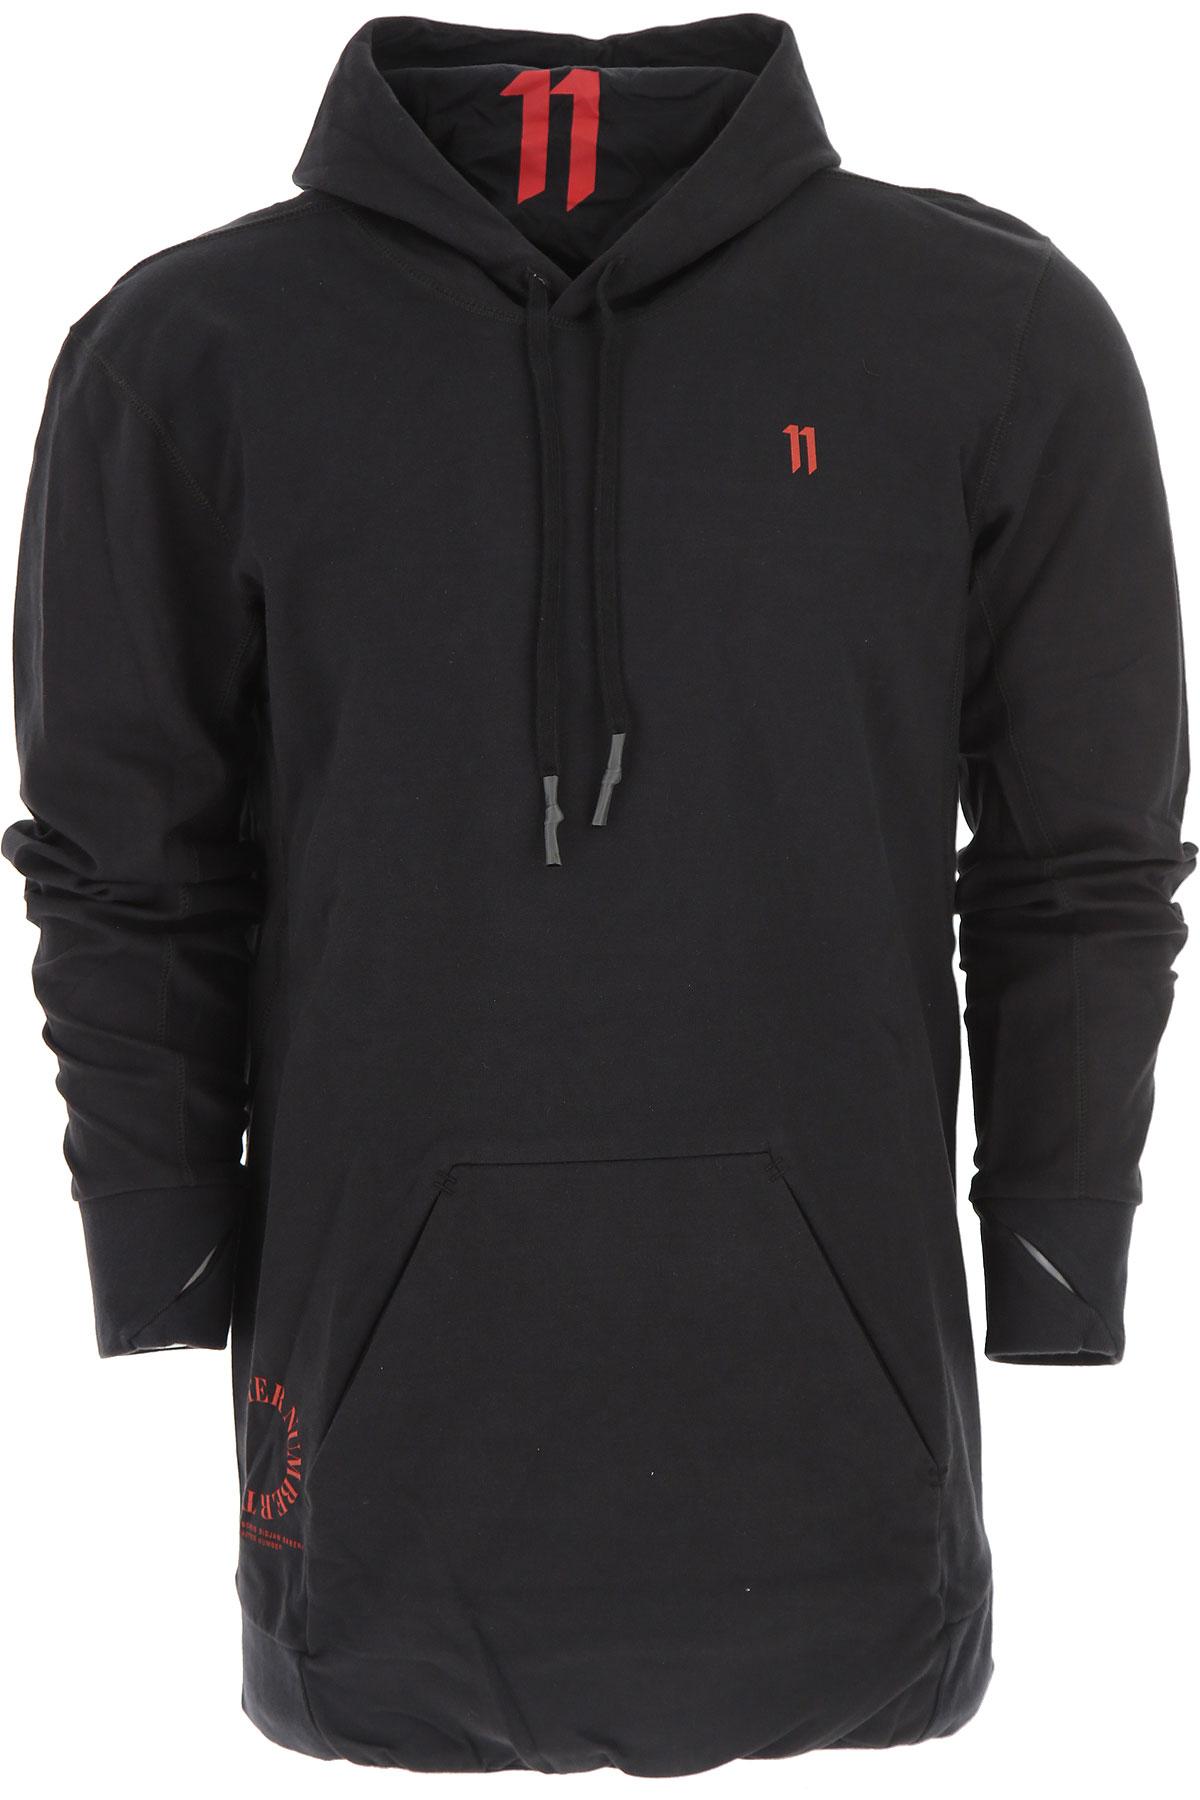 Image of 032c Sweatshirt for Men, Black, Cotton, 2017, L M XL